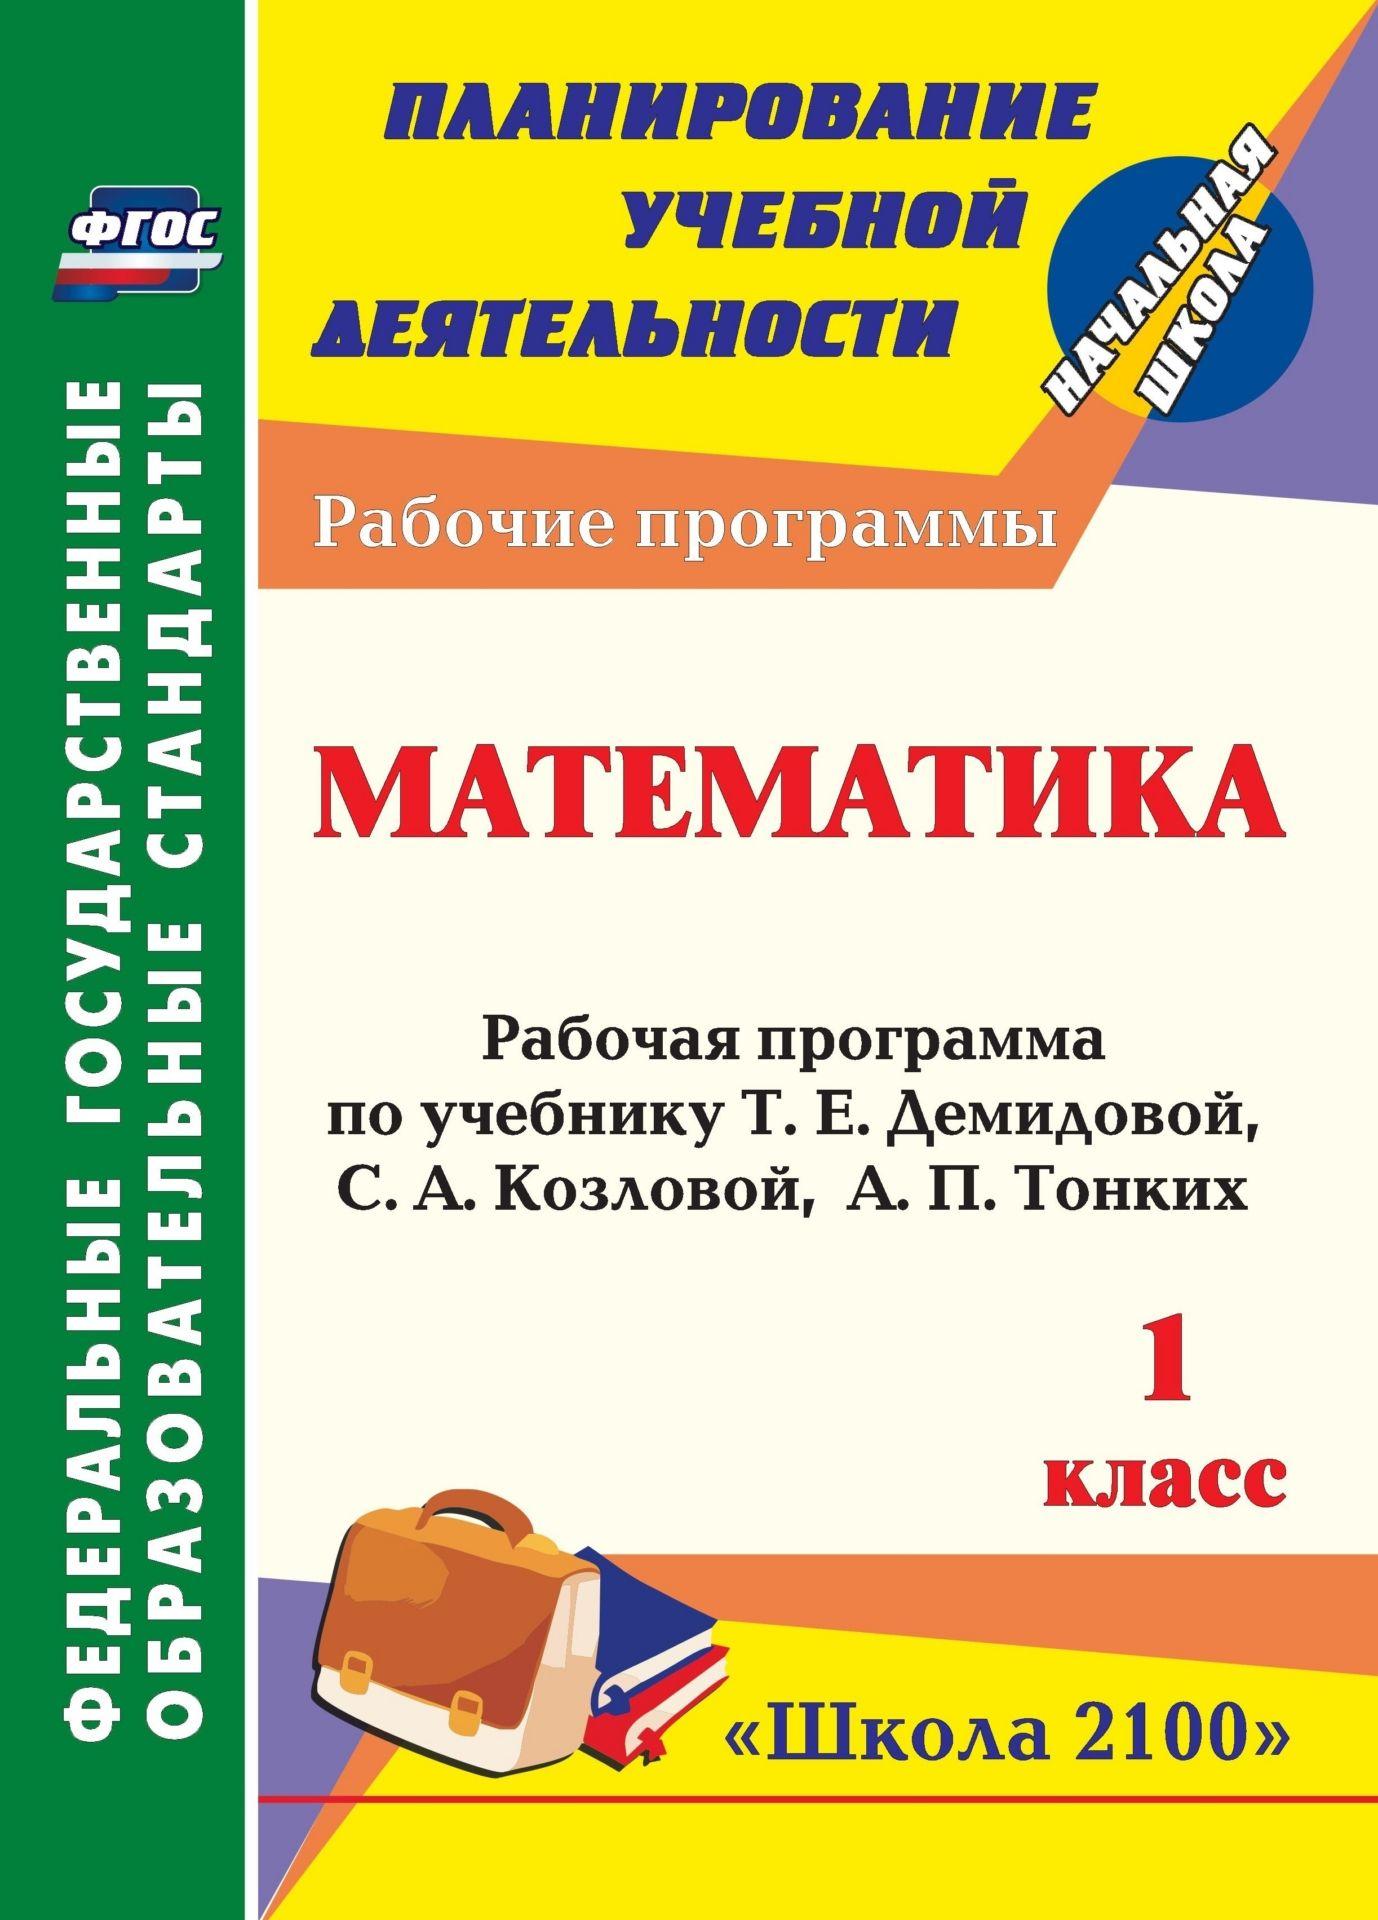 Математика. 1 класс: рабочая программа по учебнику Т. Е. Демидовой, С. А. Козловой, А. П. Тонких